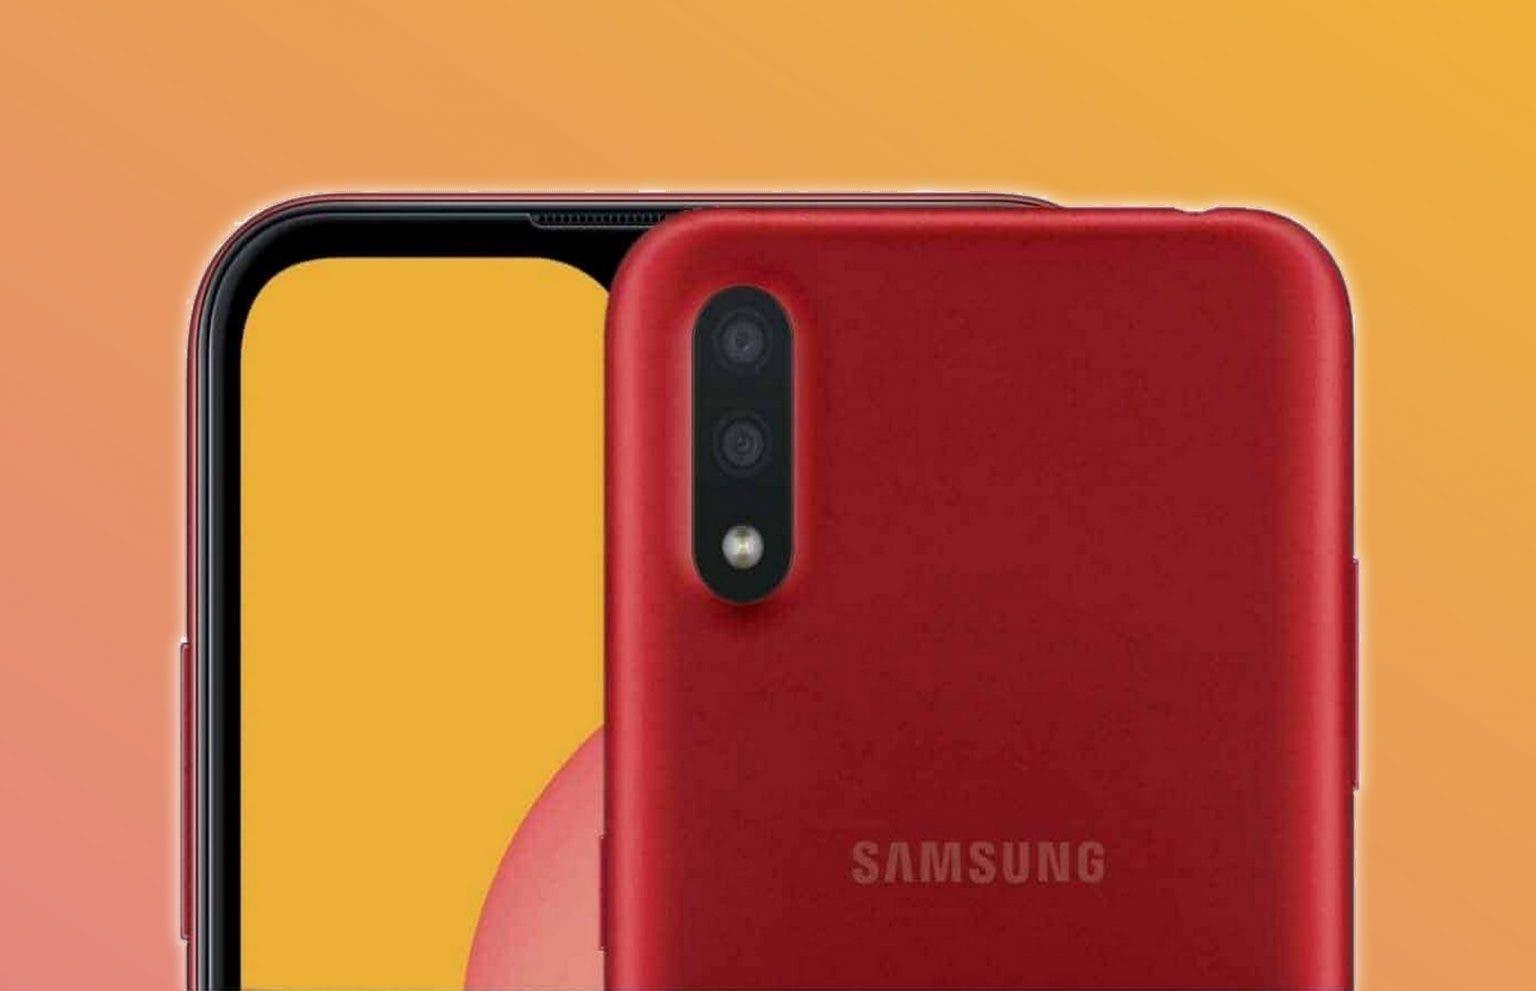 تسريبات | شركة Samsung تستعد لإطلاق هاتف في سلسلة Galaxy M بأسعار معقولة جدًا